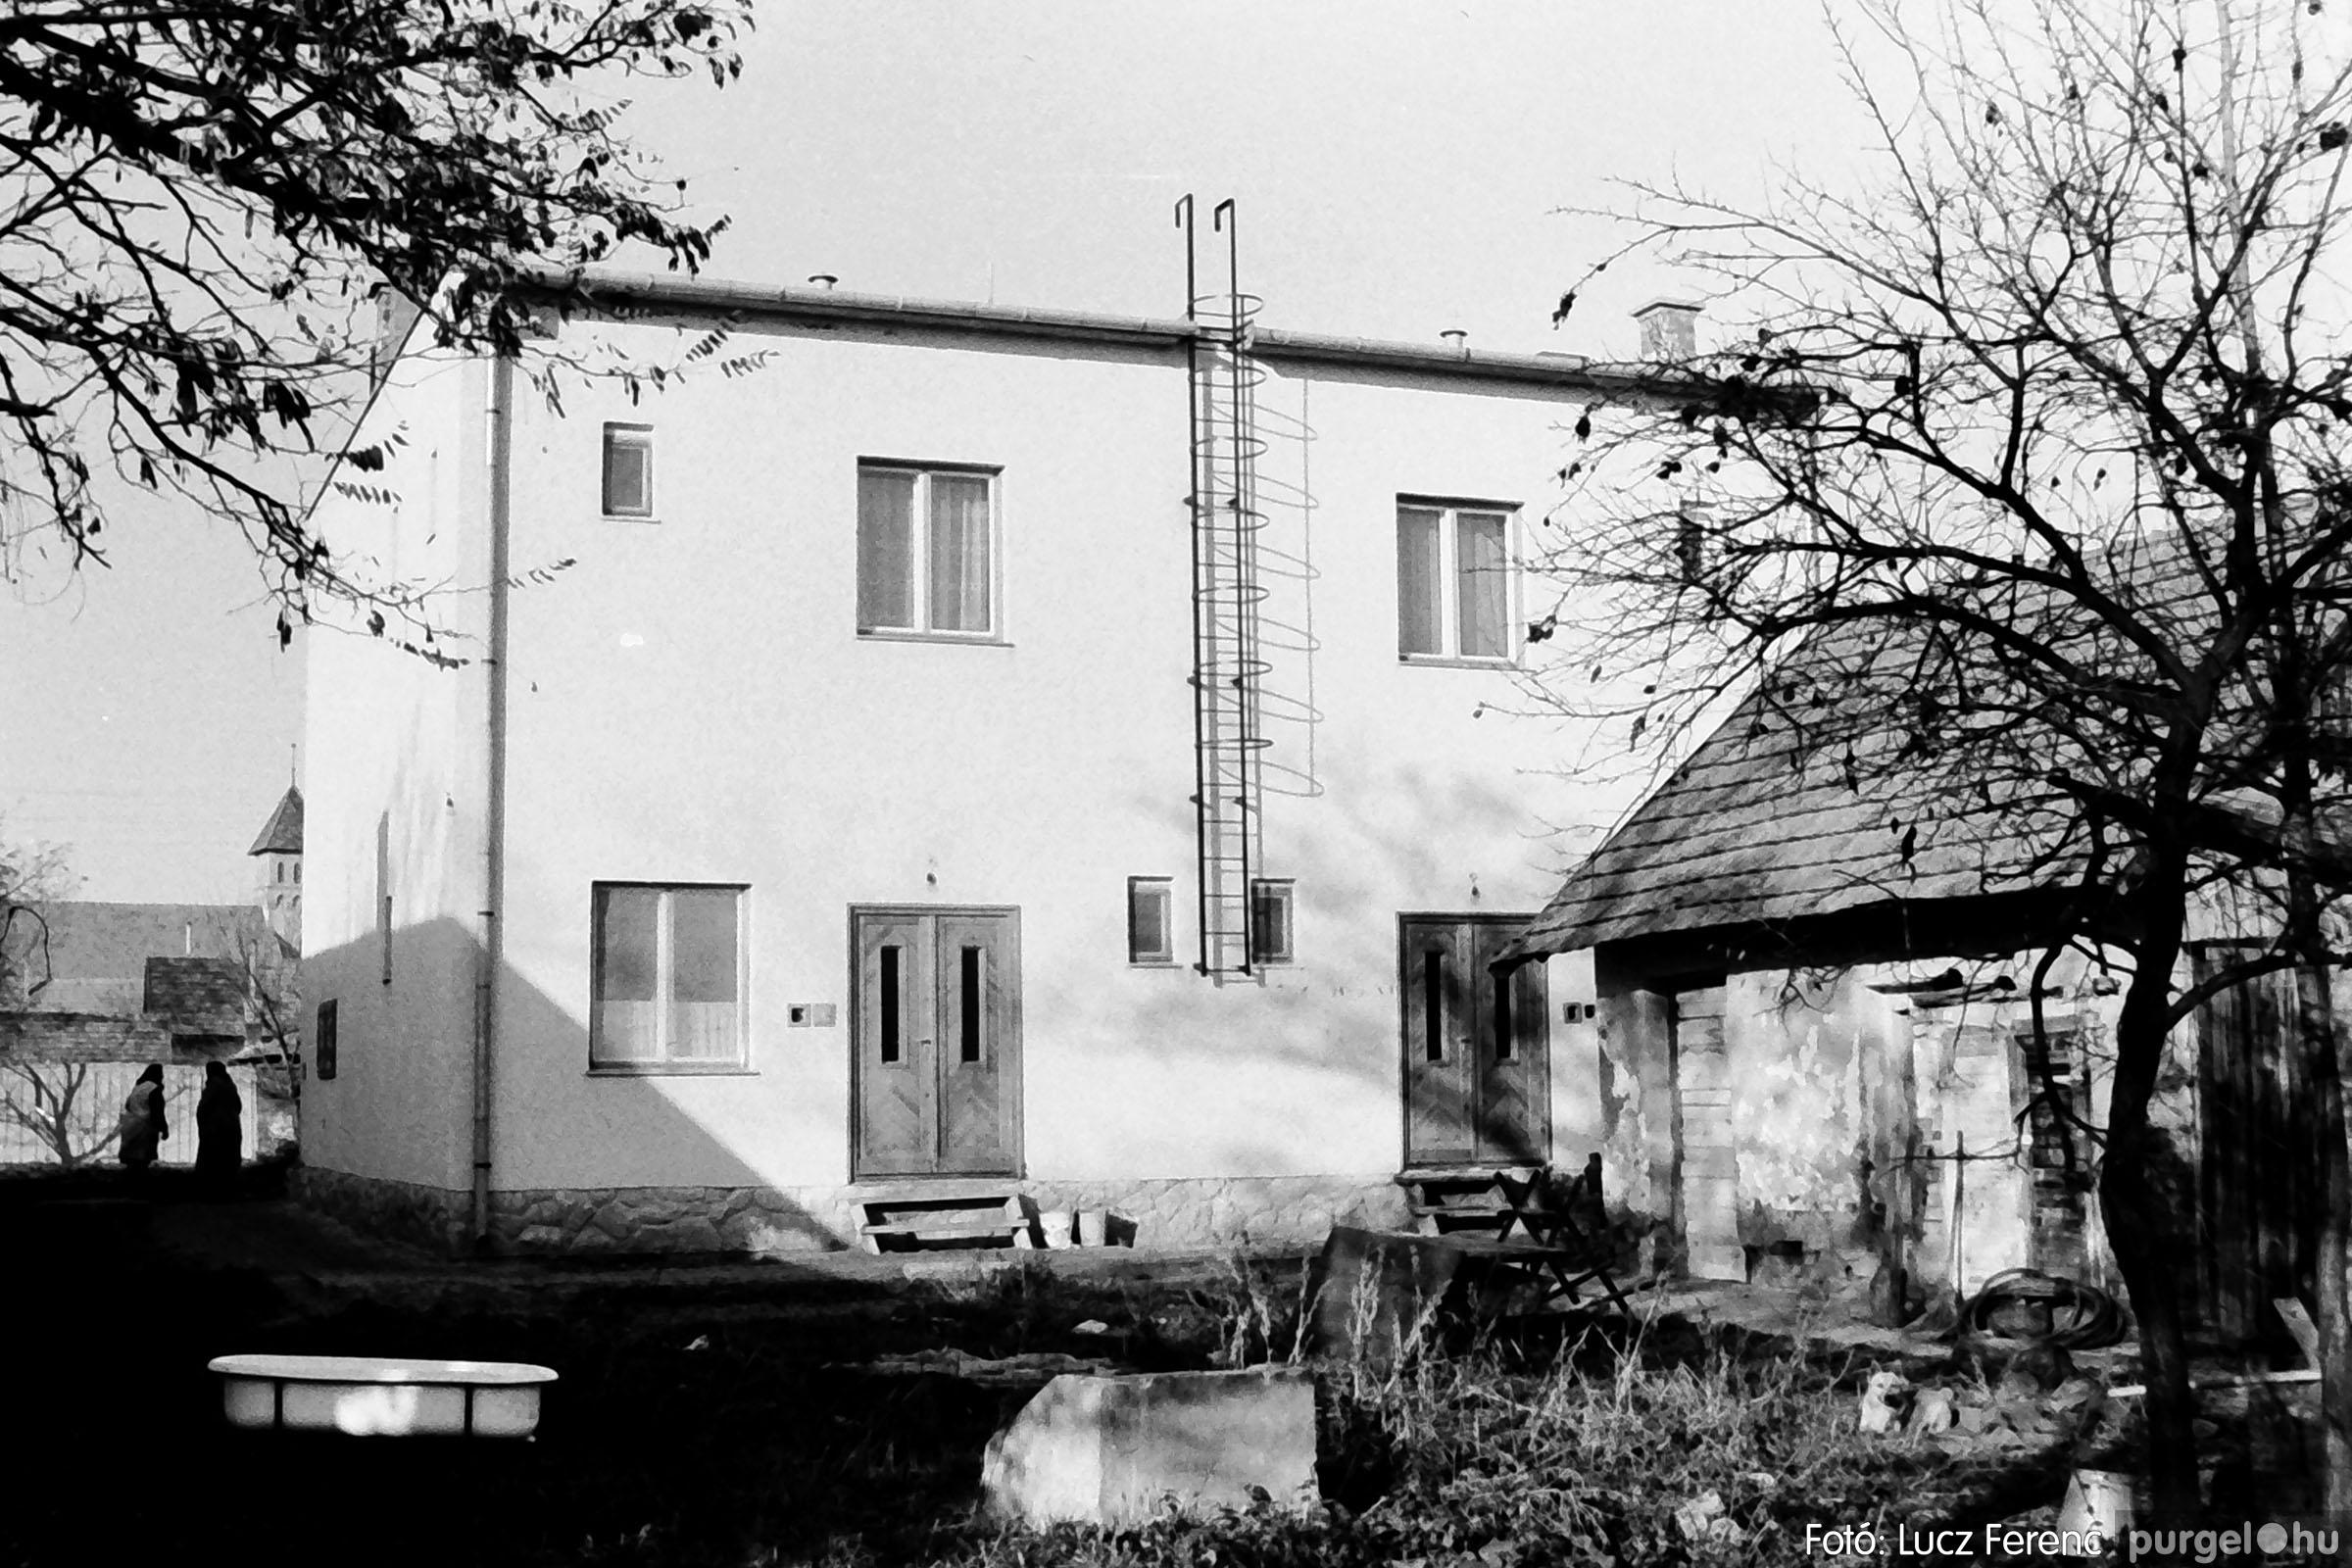 007 1975. Vegyes képek 025 - Fotó: Lucz Ferenc IMG00102.JPG